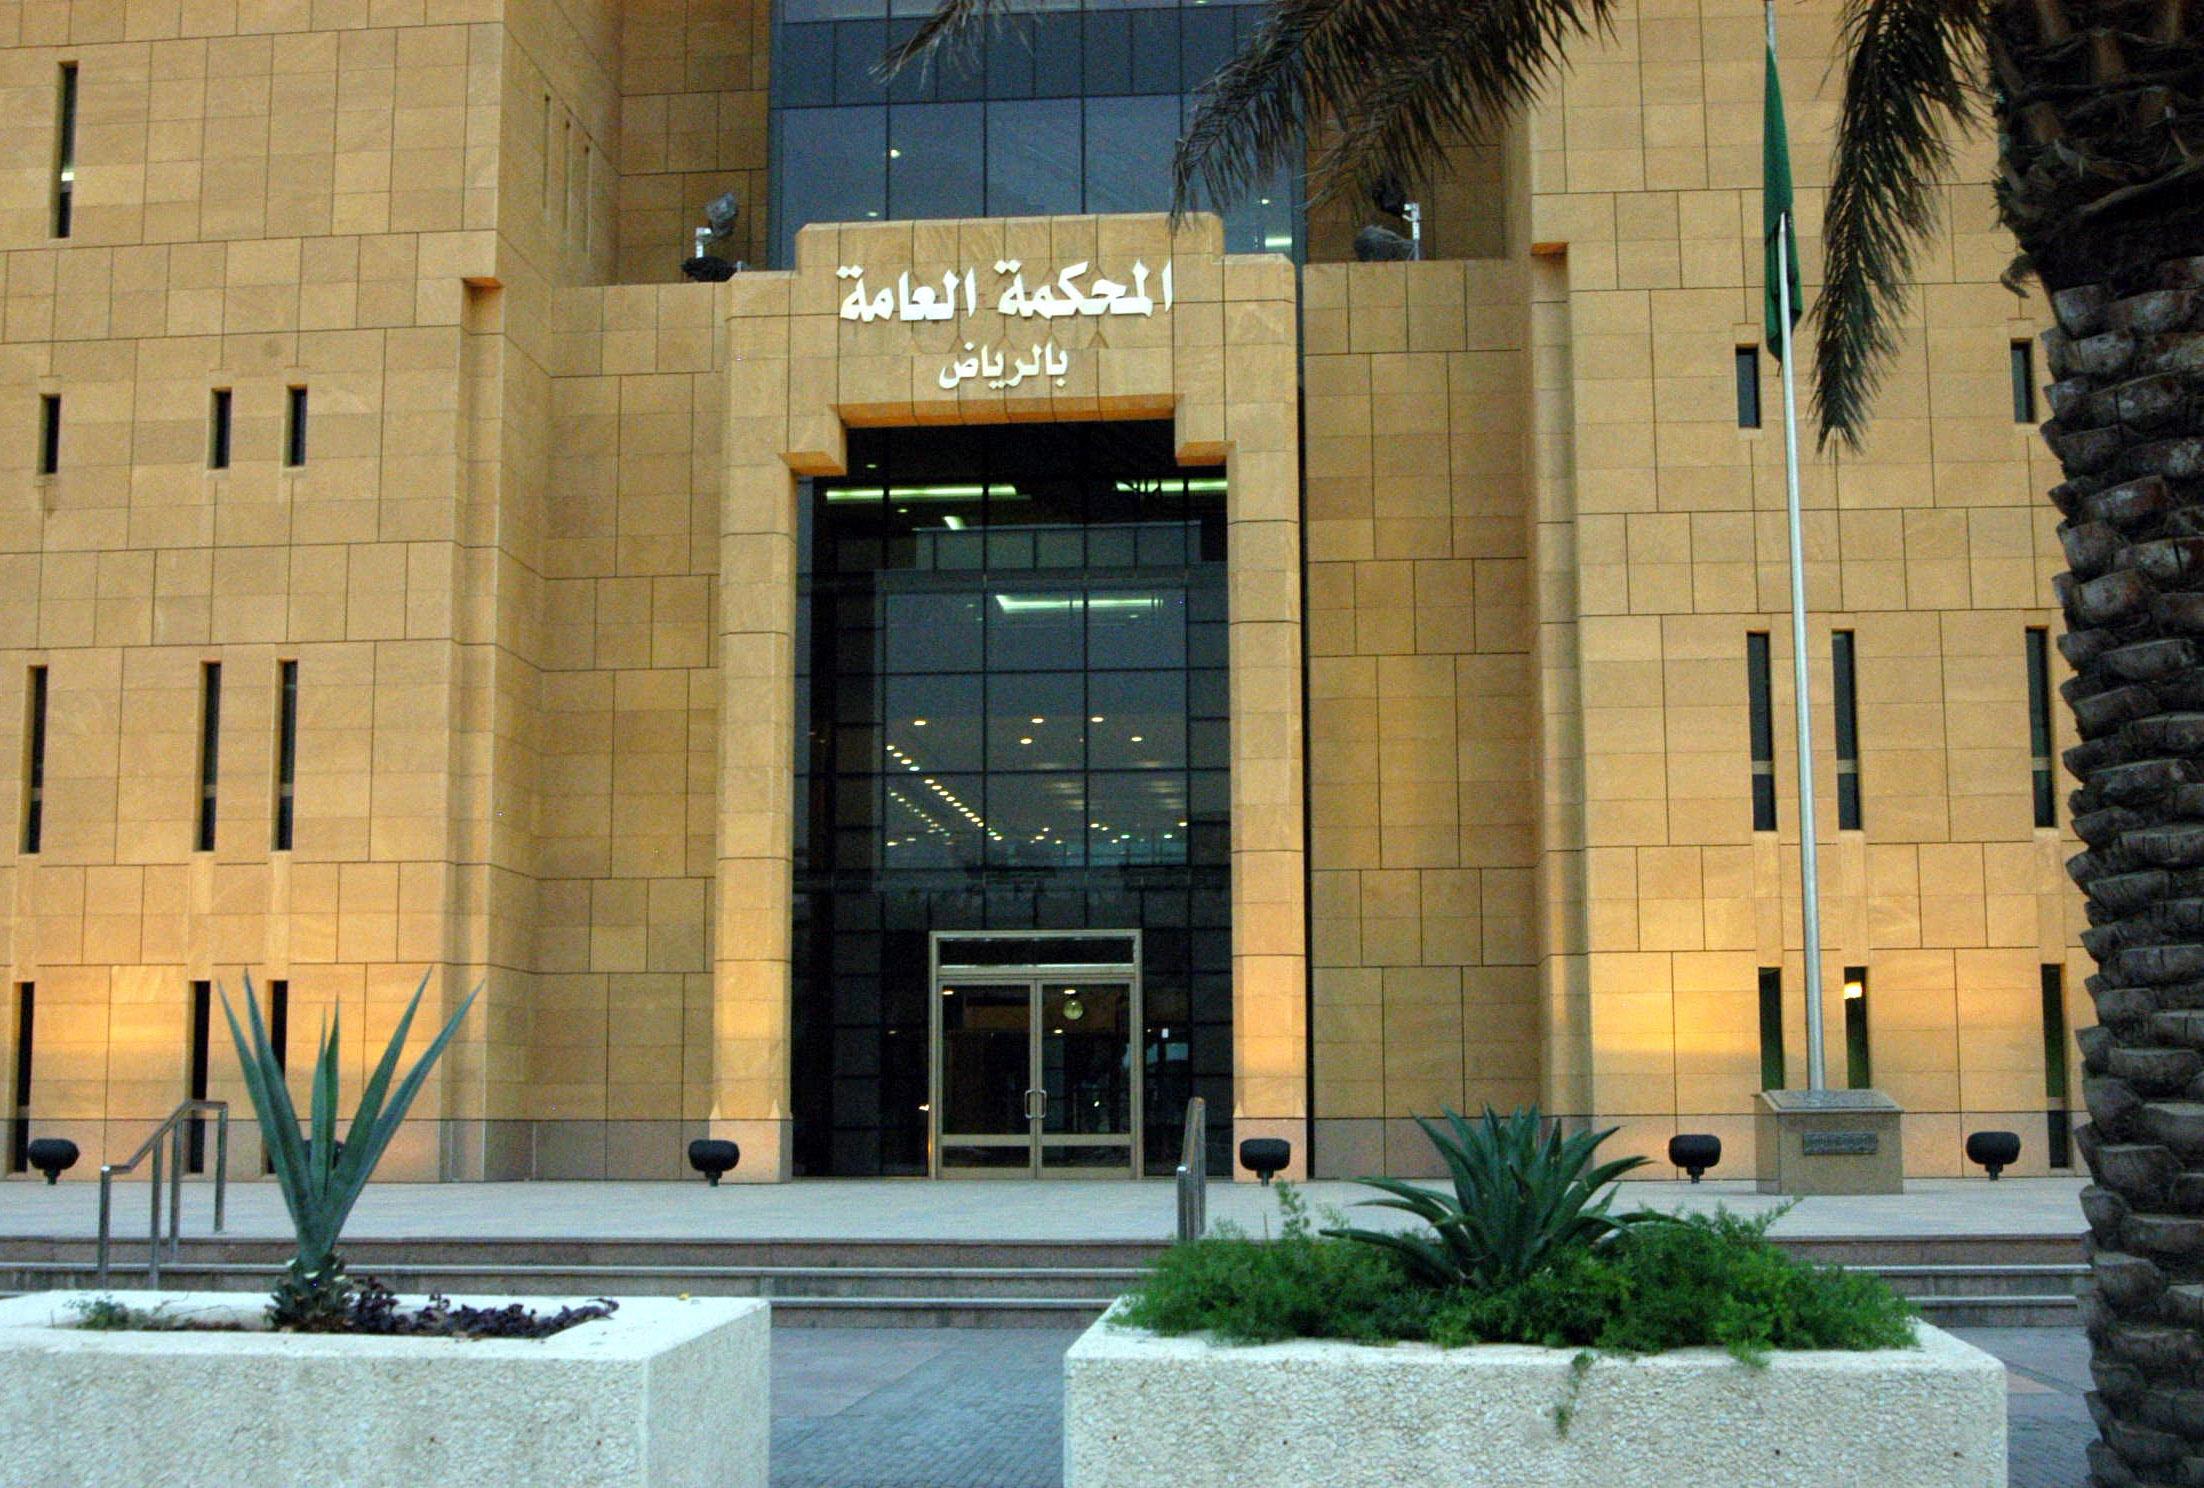 بعد ضغوطات على النظام السعوديّ «الهذلول» إلى الحريّة..